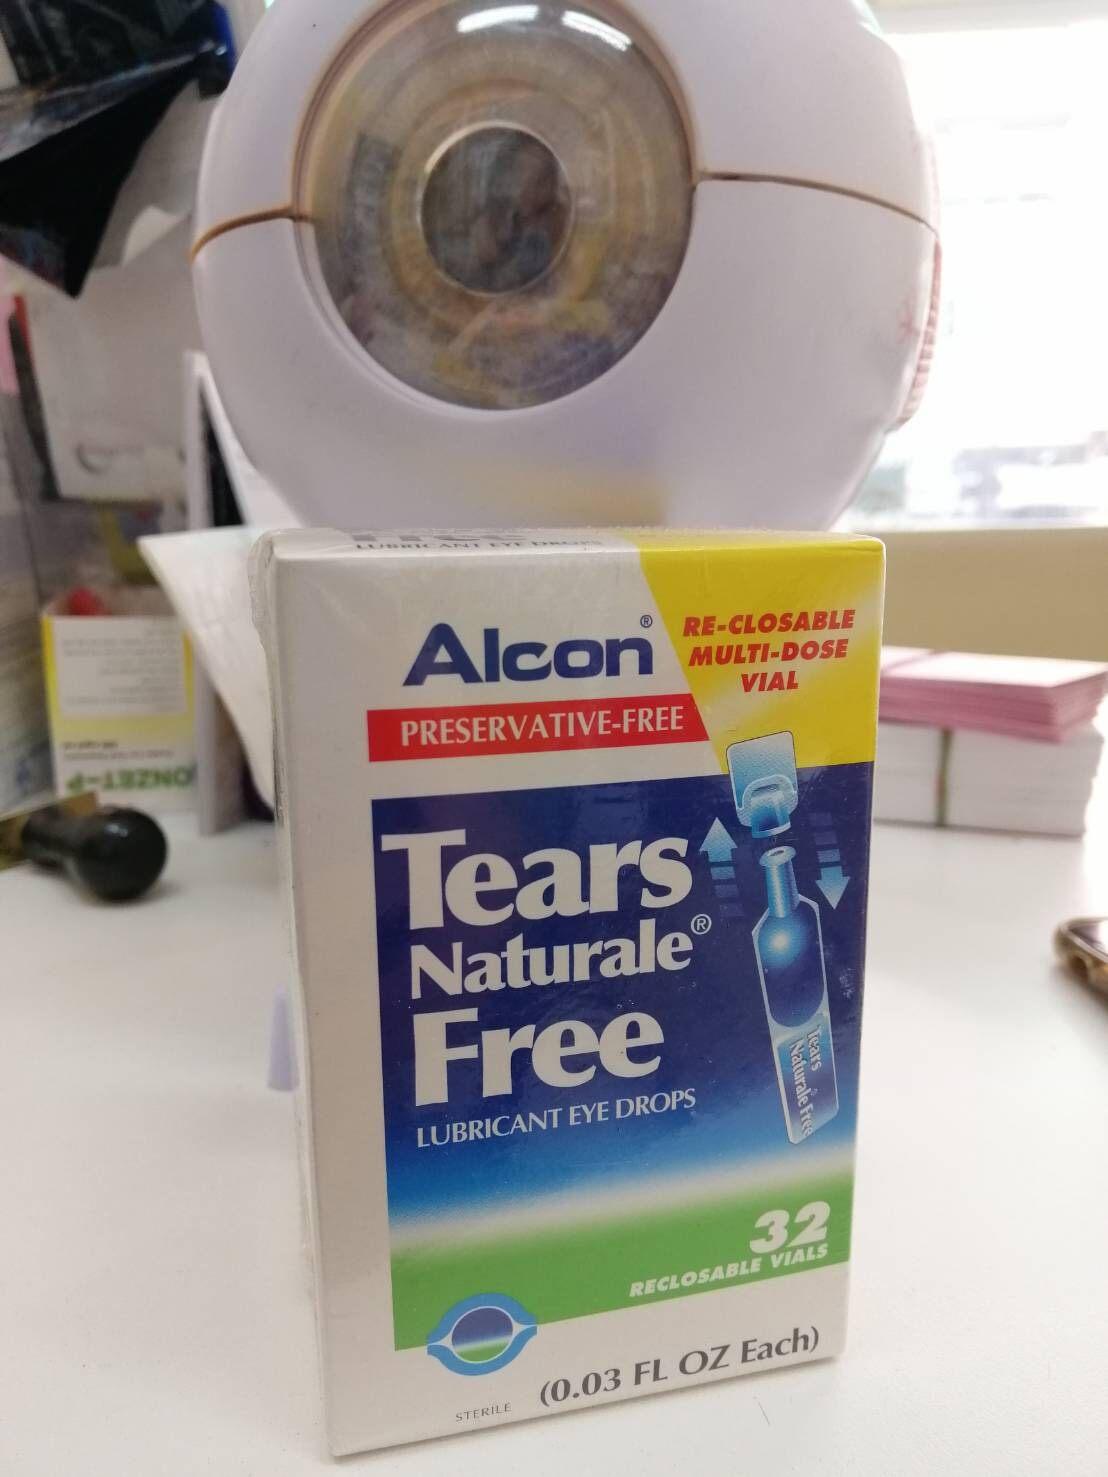 Alcon Tear รายวัน 32 ชิ้น น้ำตาเทียม เทีย นาเชอรัล.